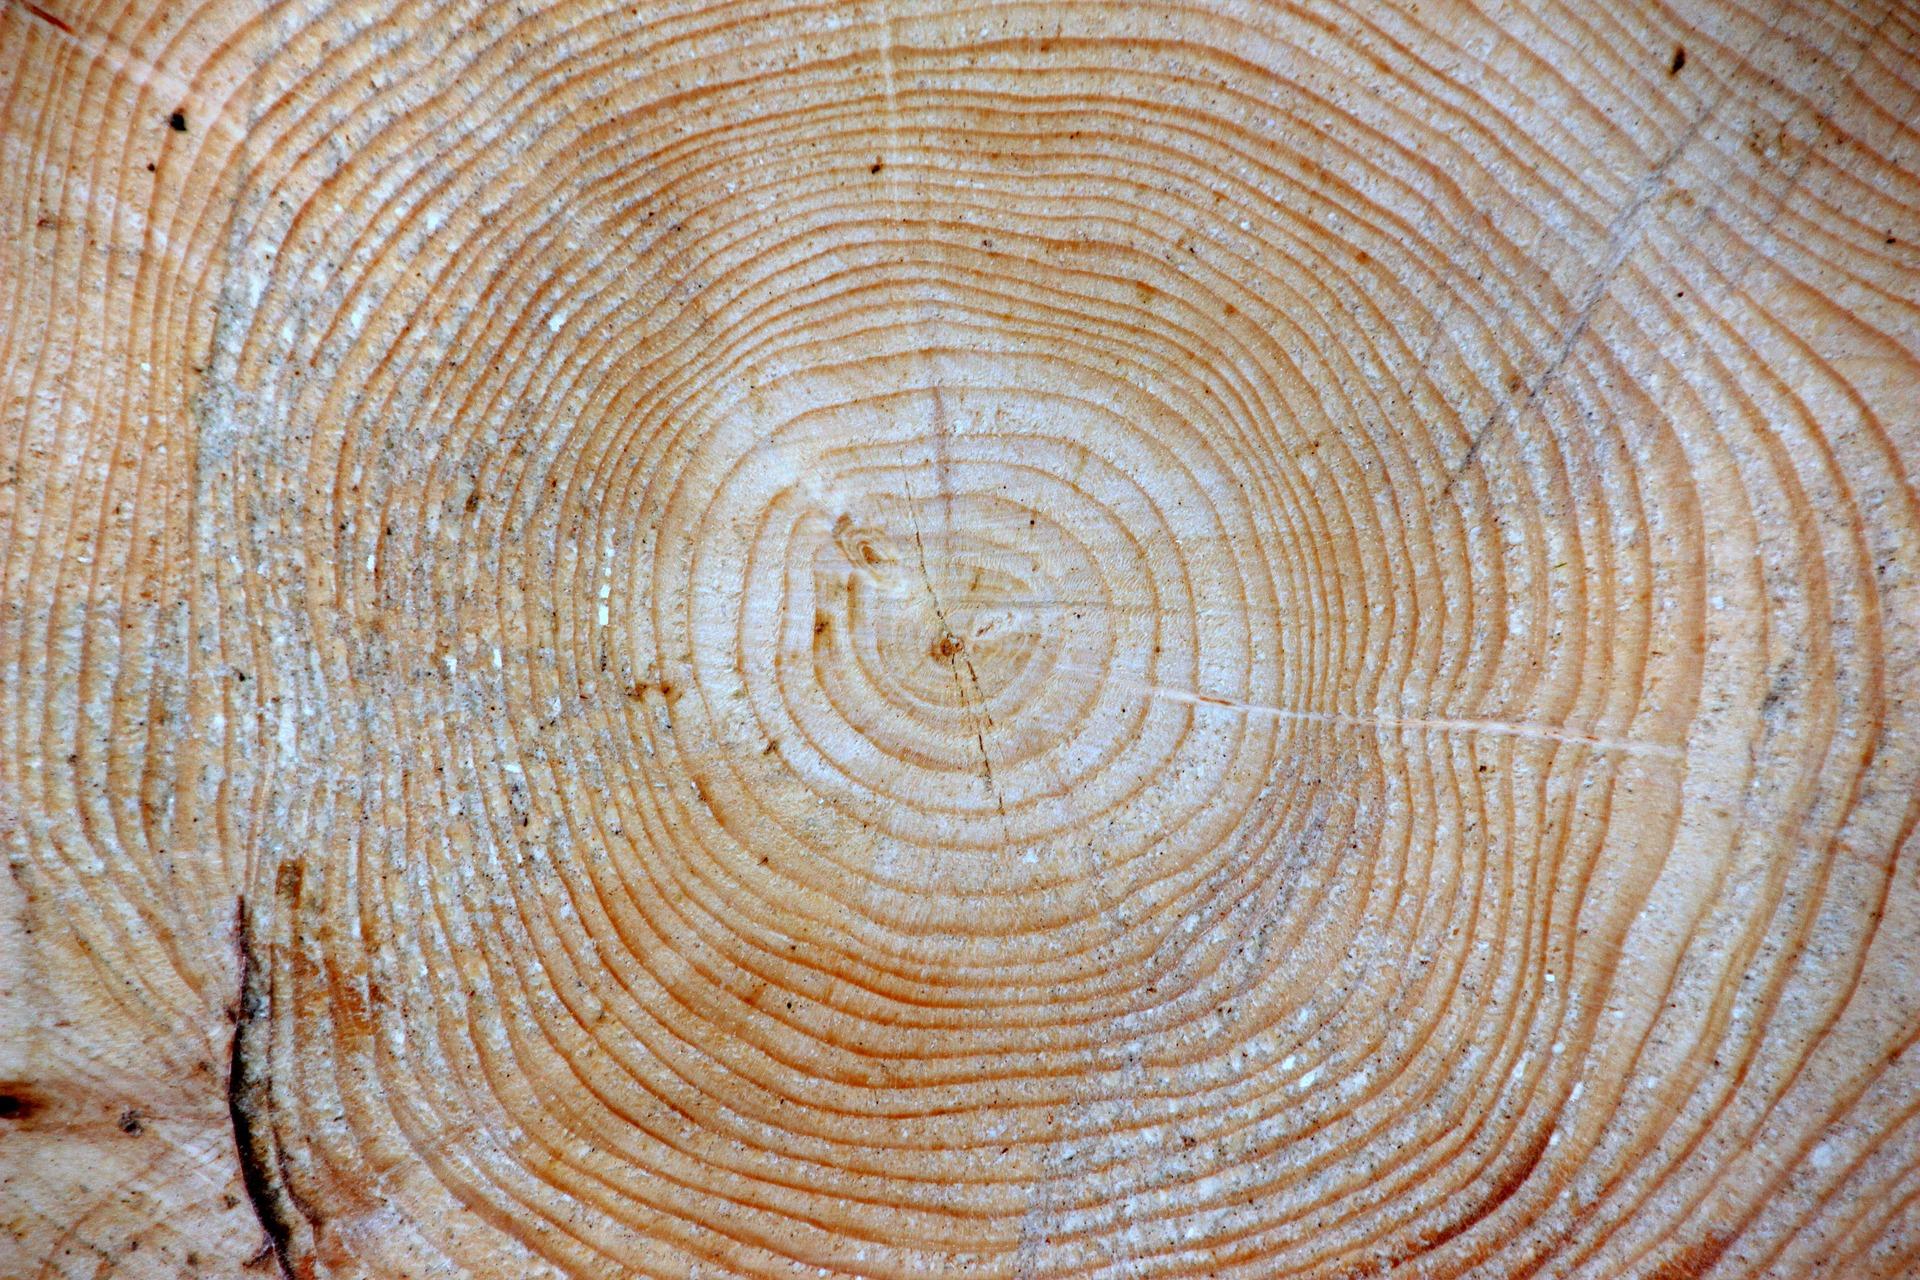 Bierzeltgarnitur Aus Holz U2013 Qualitätskriterien Für HolzgarniturenTop  Bierzeltgarnitur Kaufen